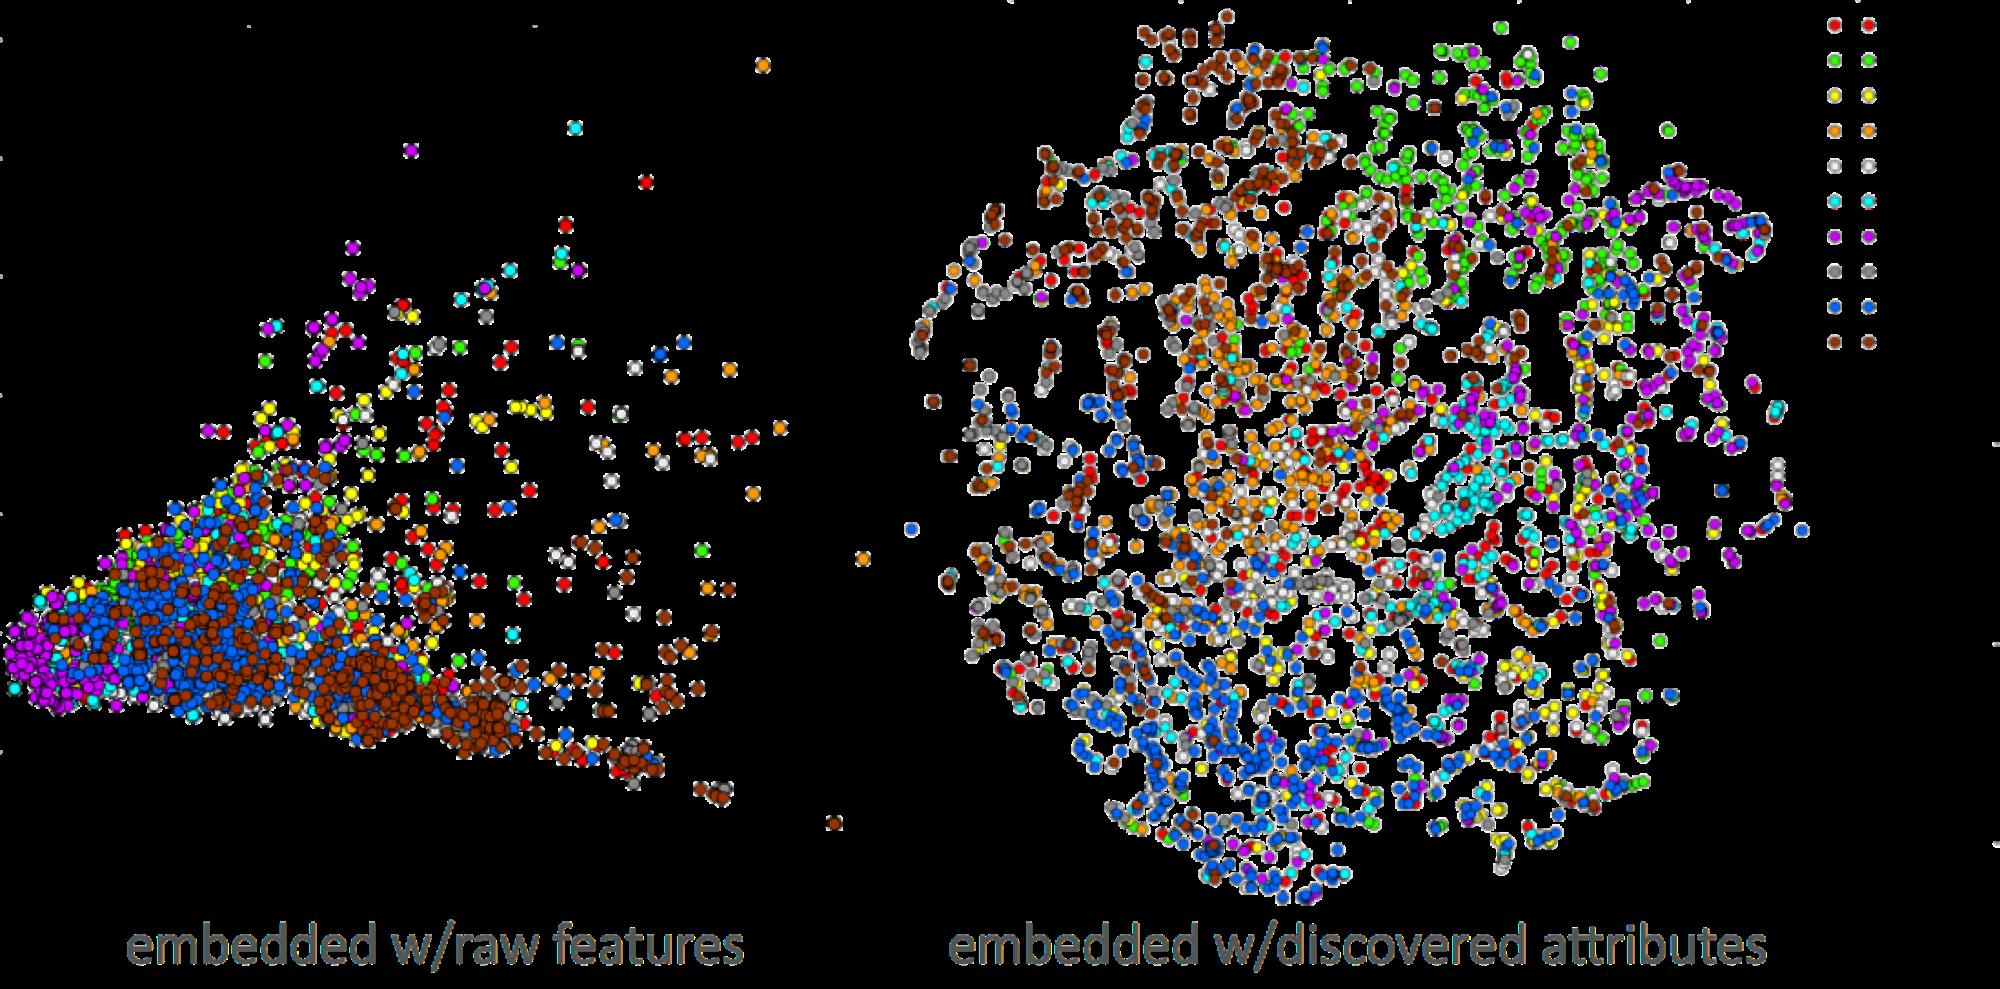 automat embedding image